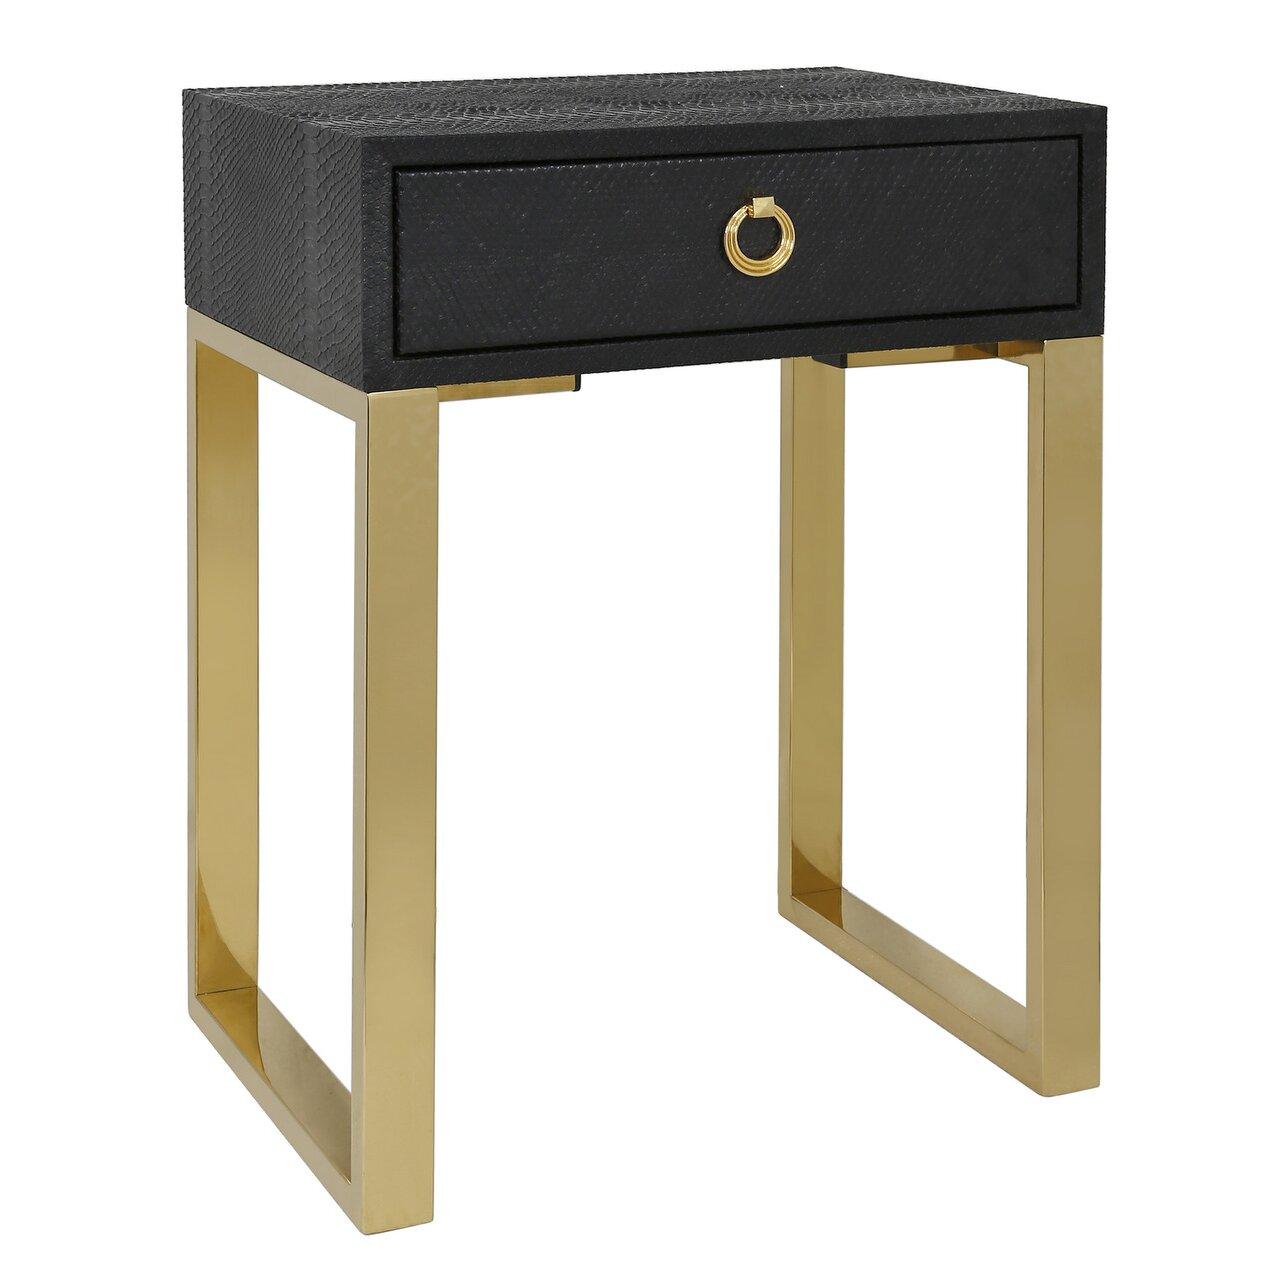 beistelltisch mit stauraum beistelltisch efate rund mit stauraum modernmoments beistelltisch. Black Bedroom Furniture Sets. Home Design Ideas